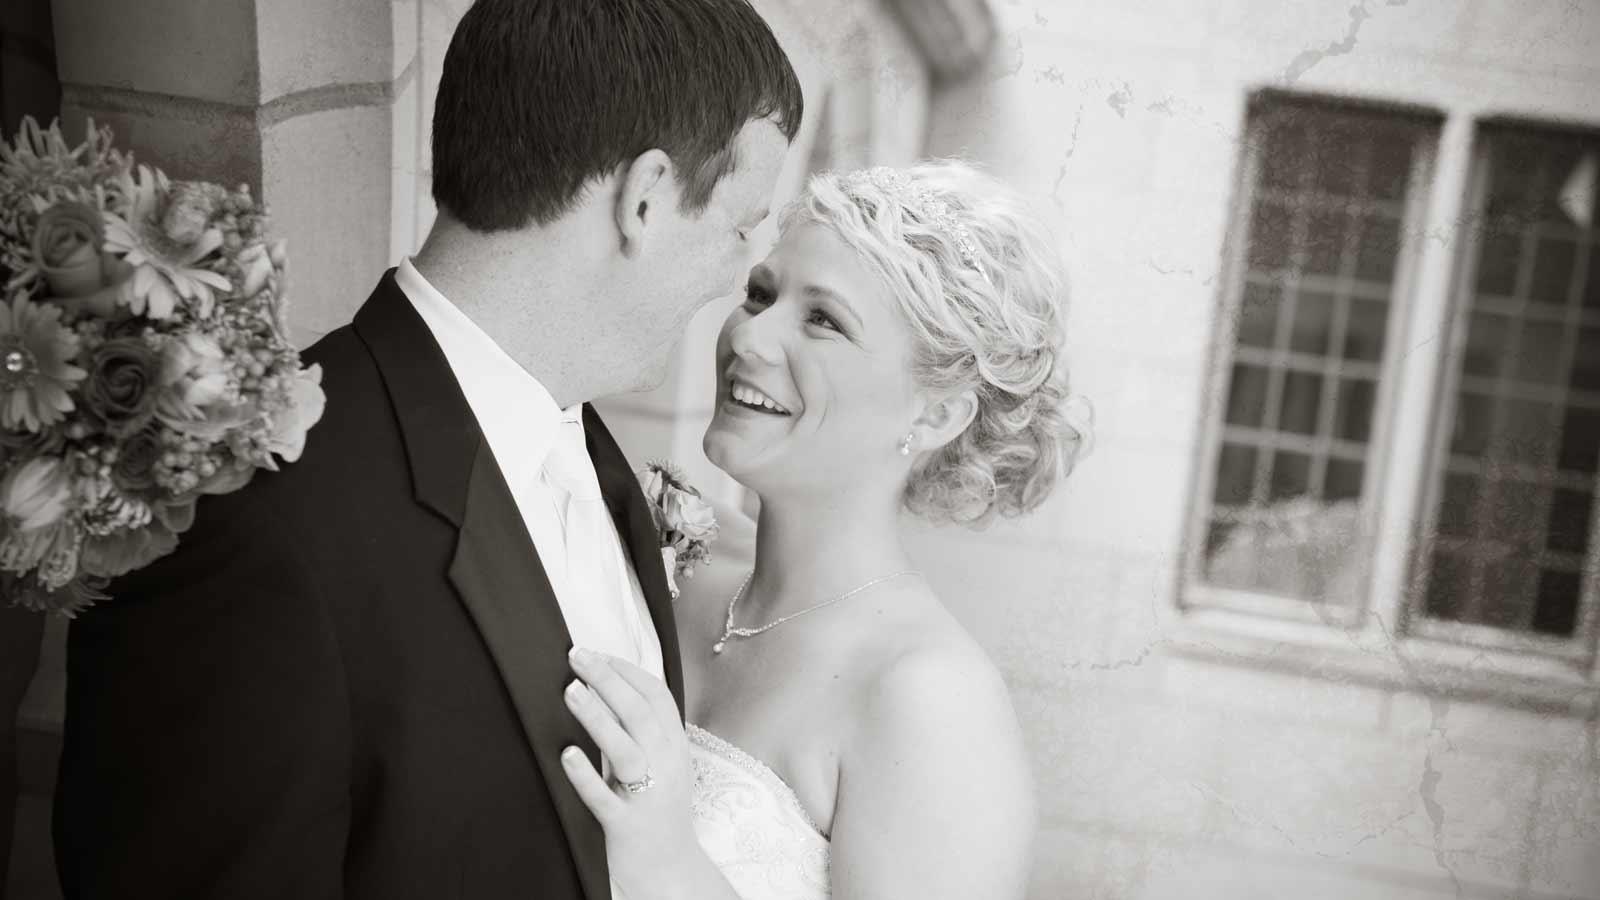 Wedding photo ideas - Obrázok č. 11